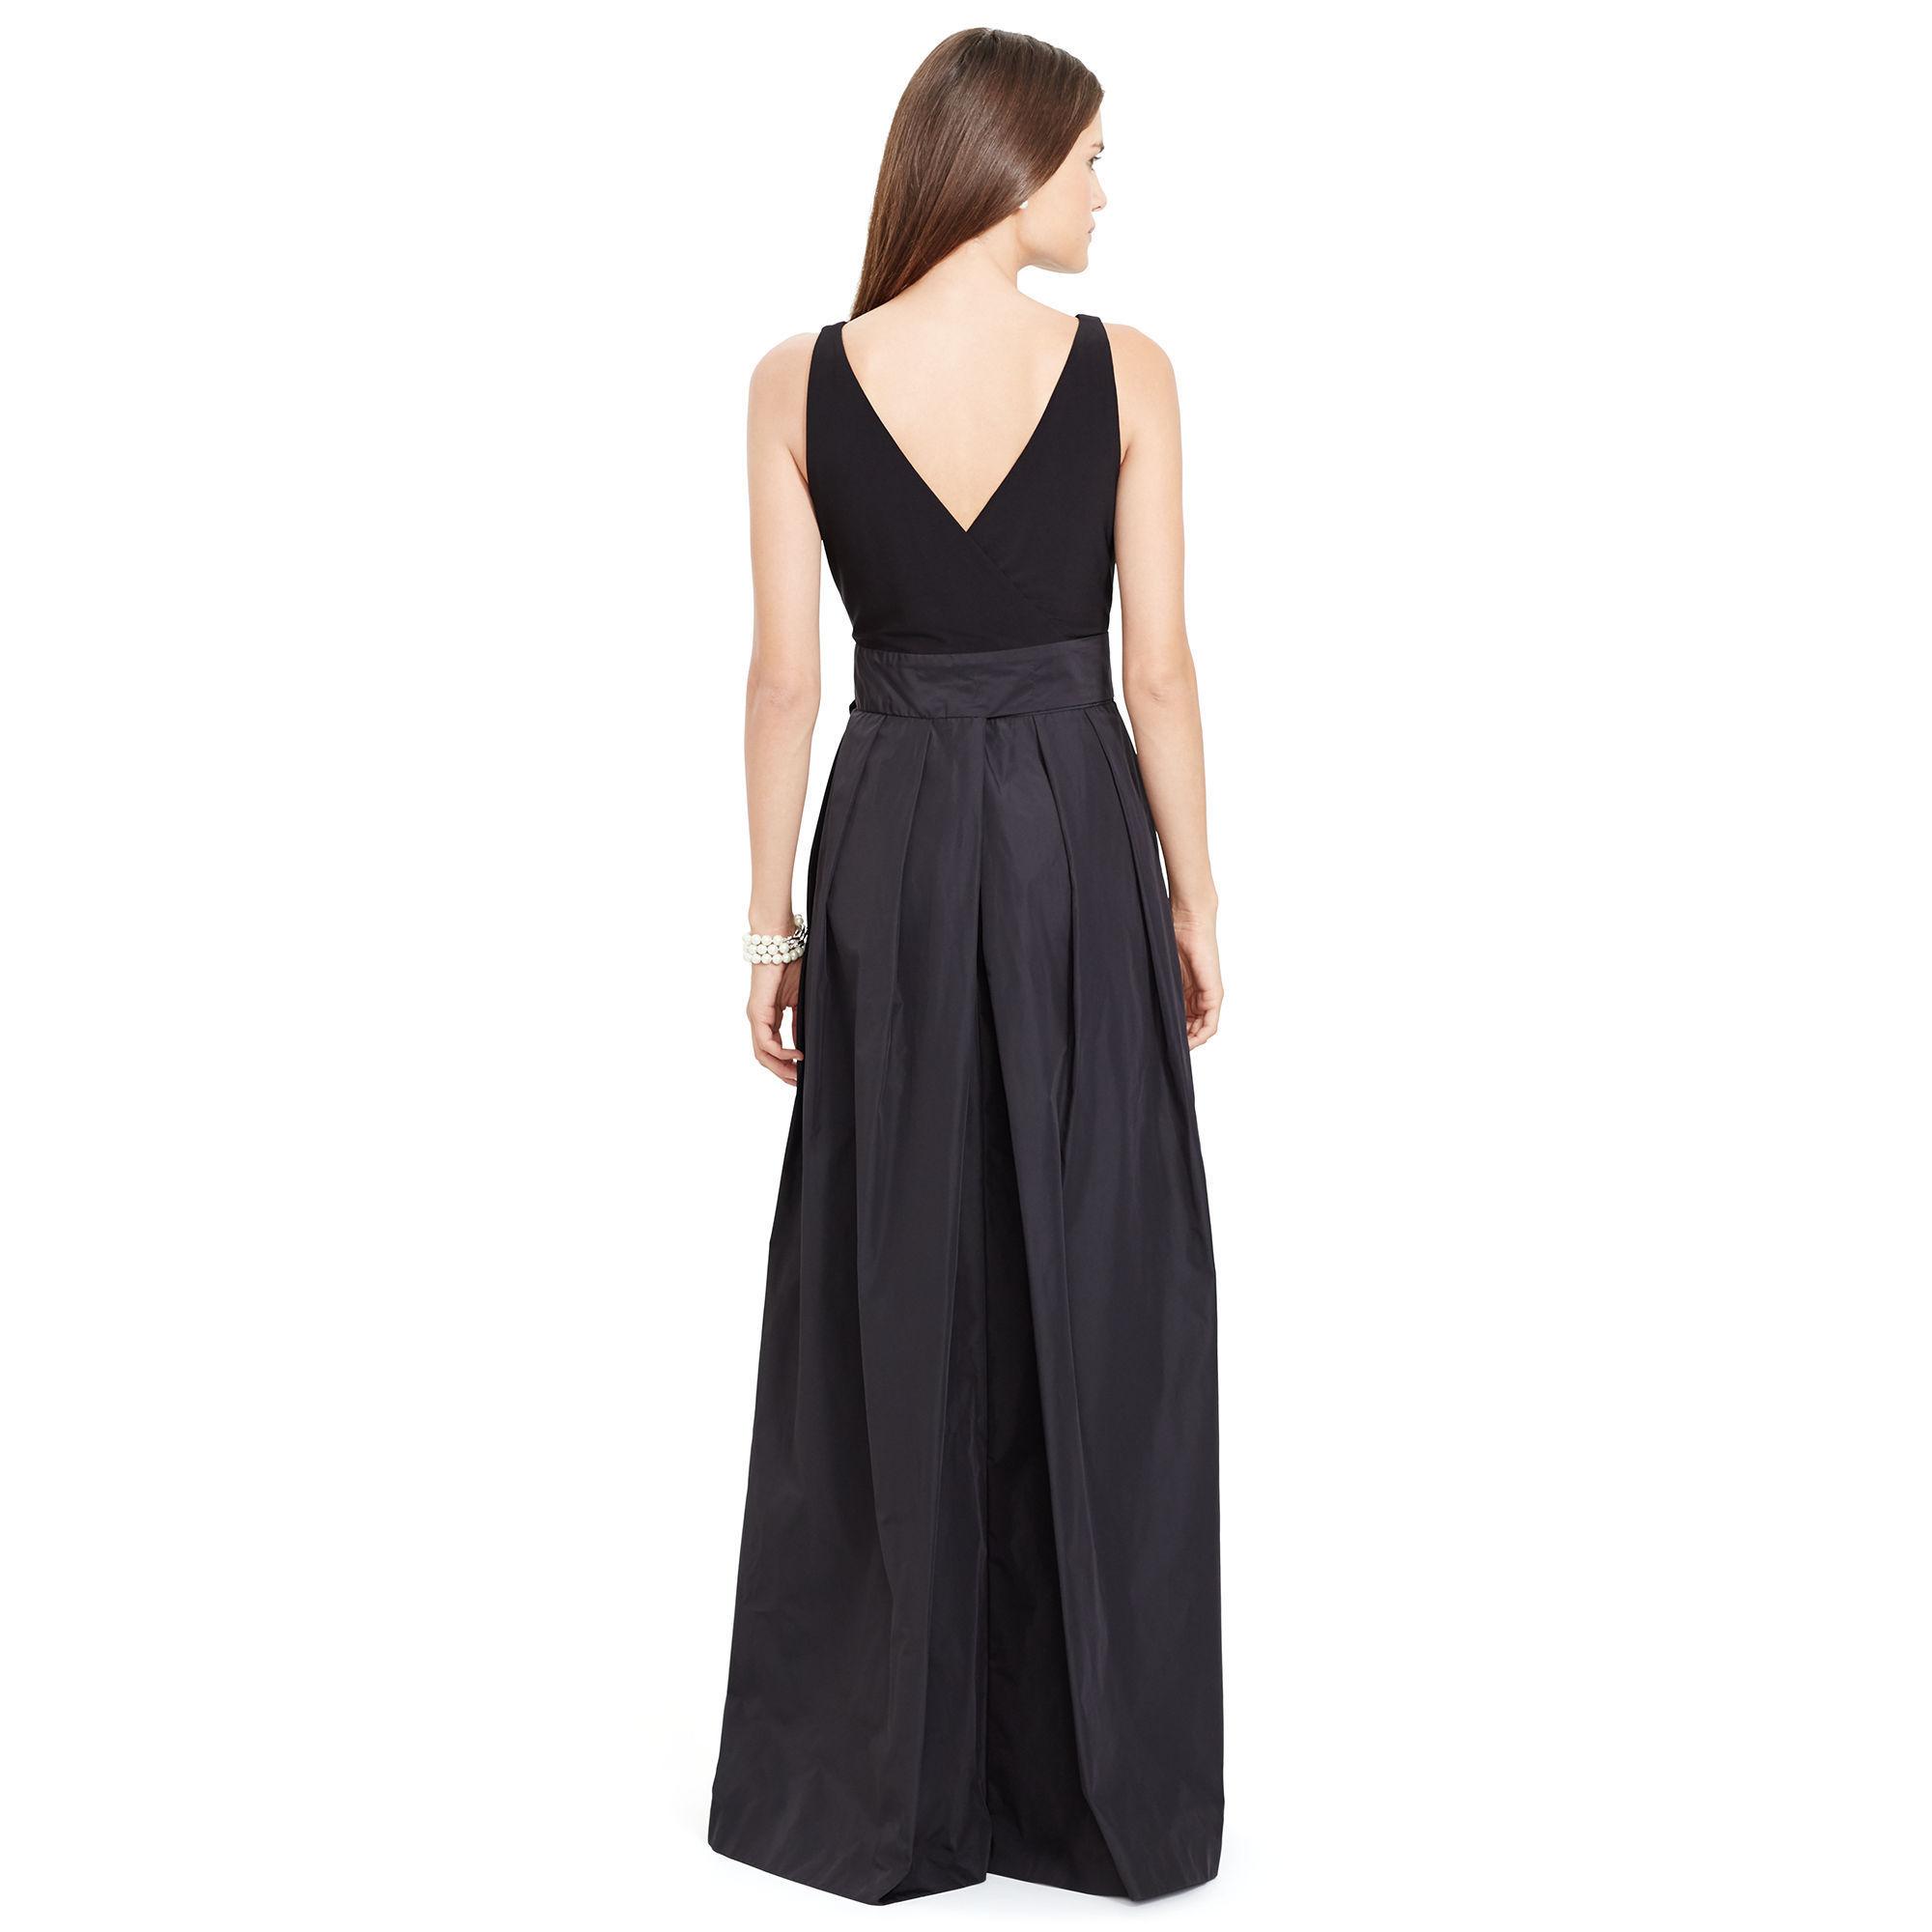 ralph lauren west ribbon v back feminine gowns buyma. Black Bedroom Furniture Sets. Home Design Ideas